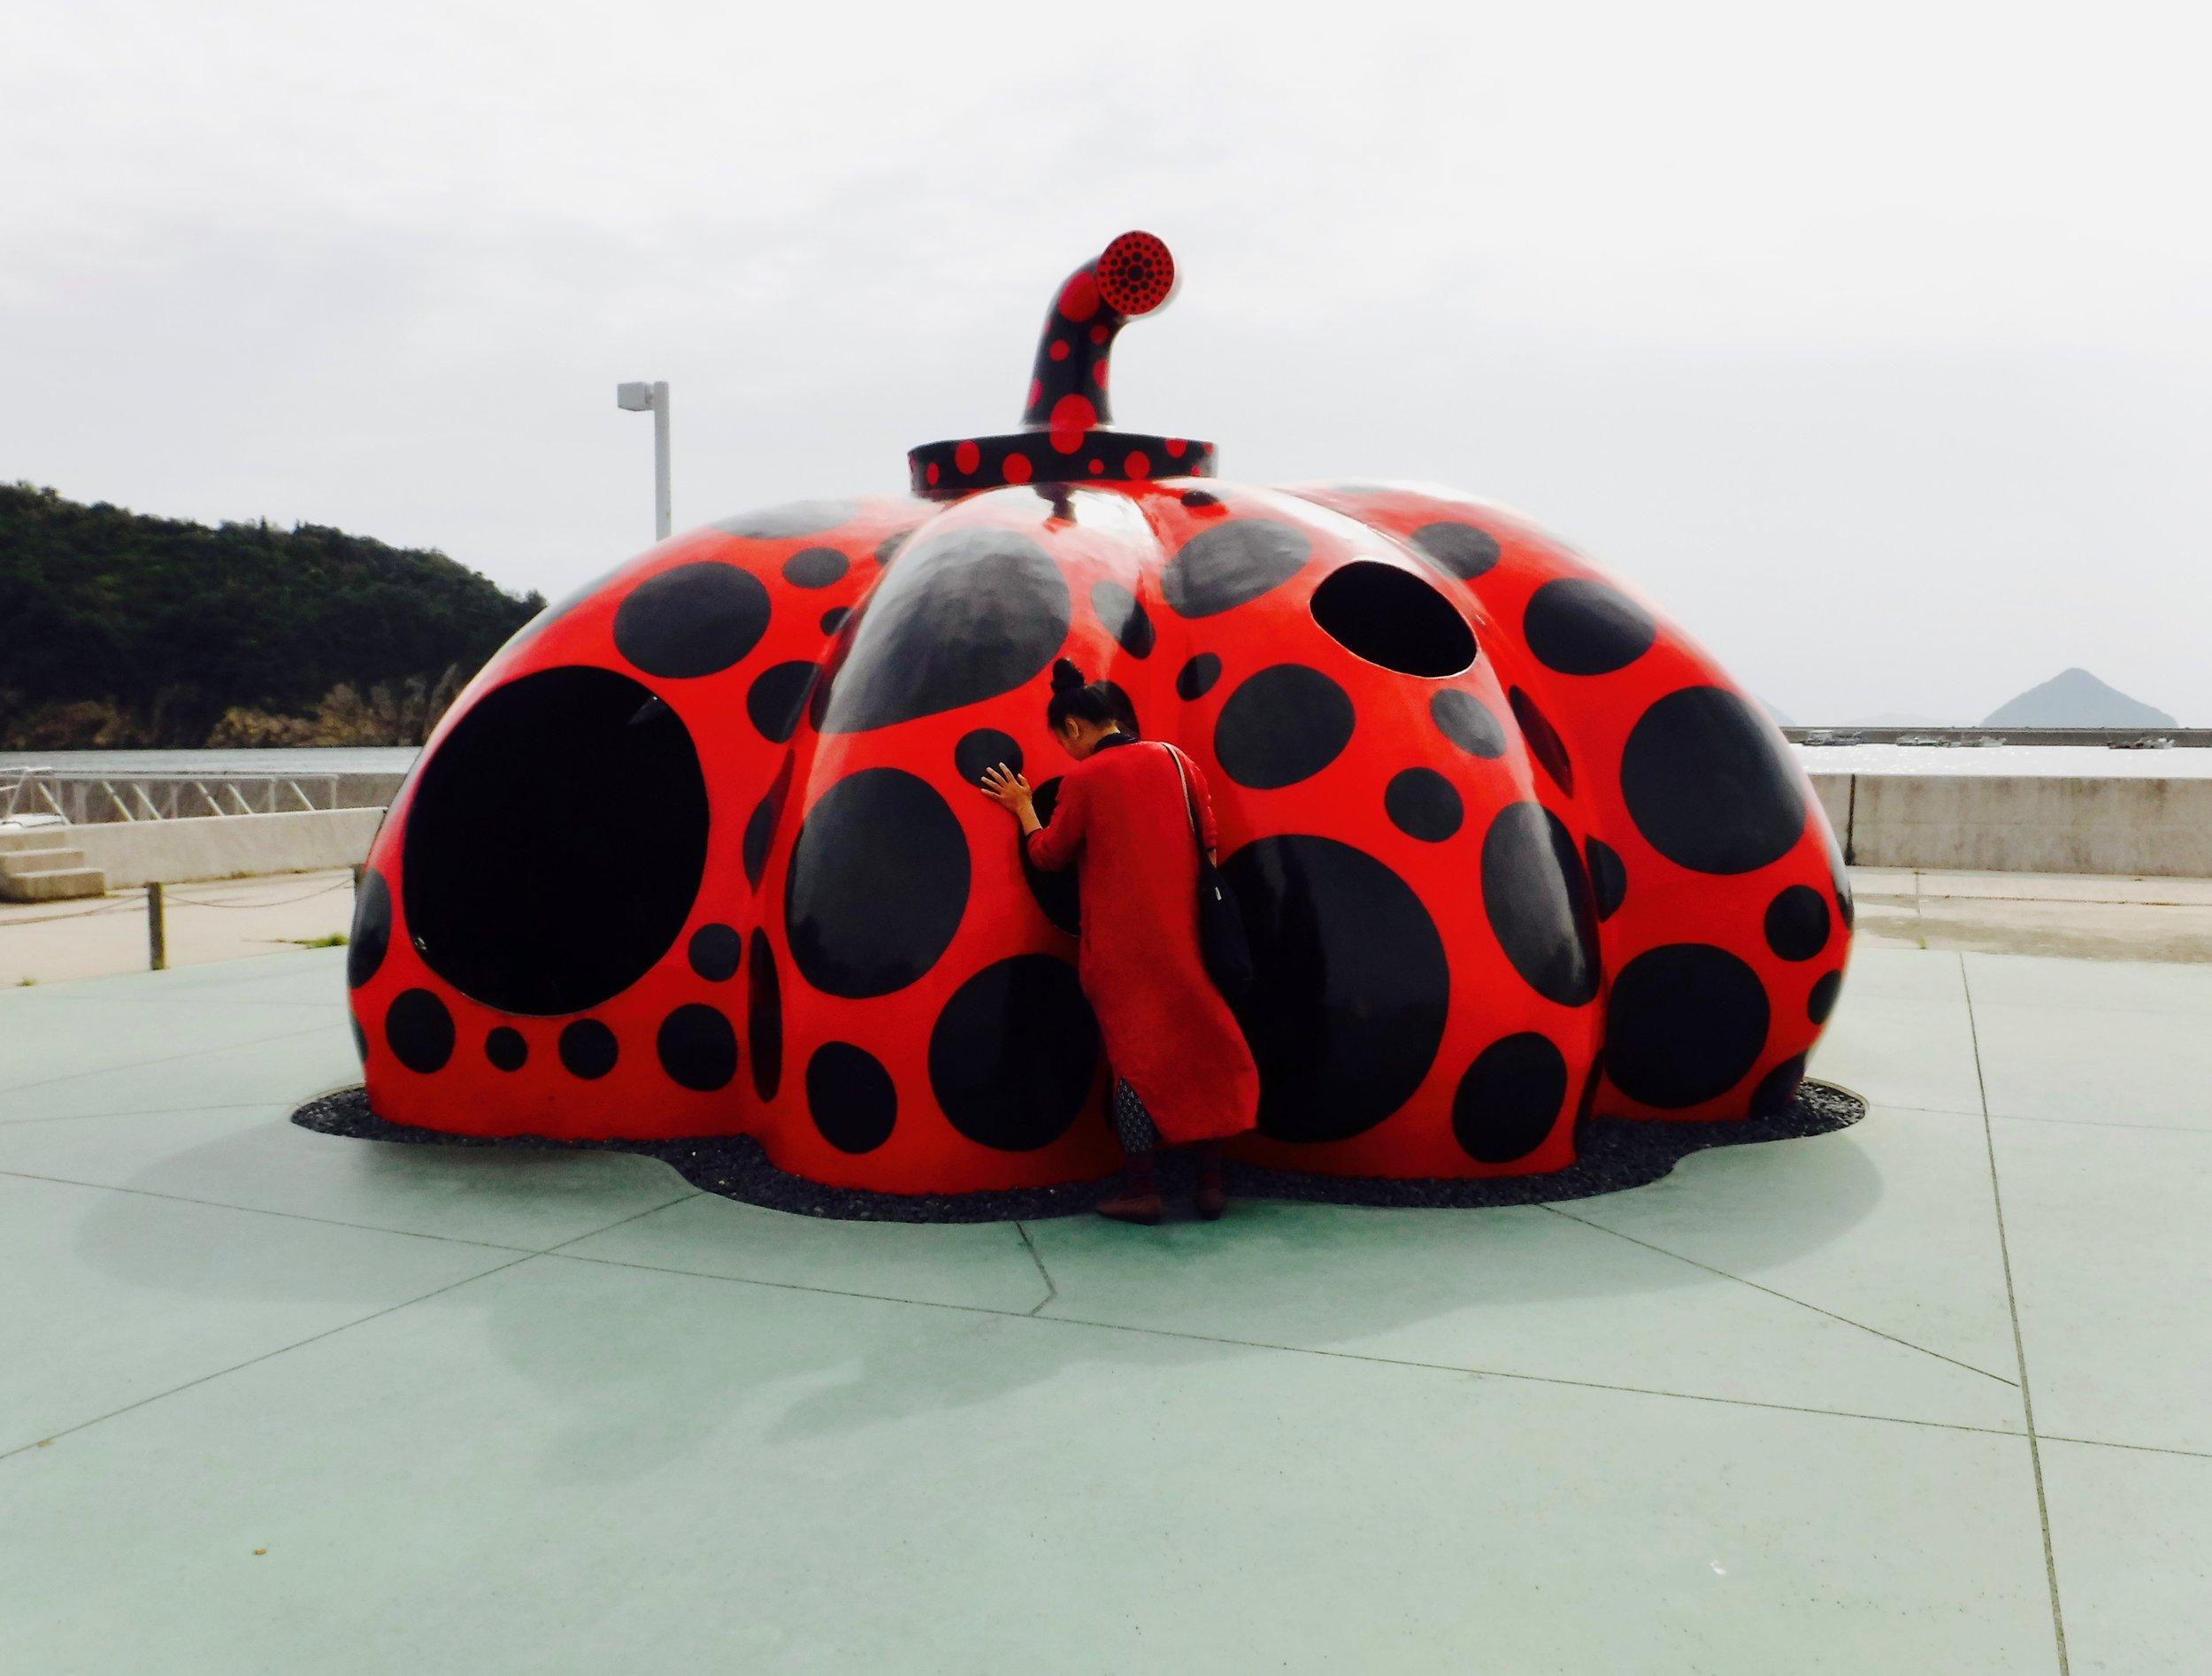 ピンと草間彌生さんの「赤かぼちゃ」。私たちは何時間でもこの赤かぼちゃがどういうアートなのかについて話し合いました。